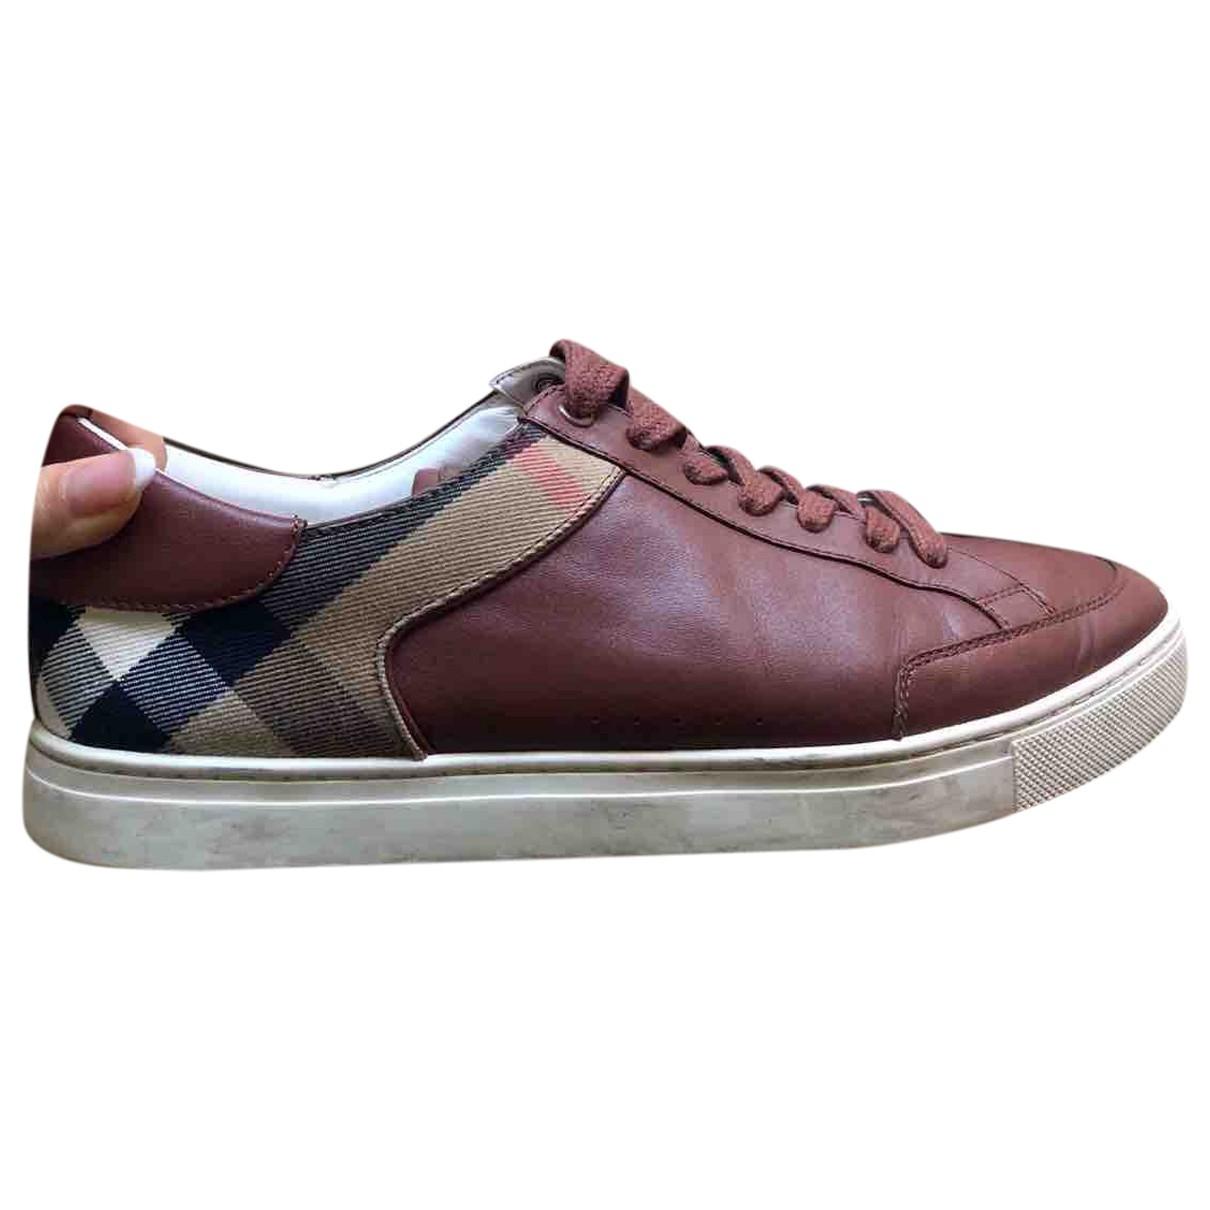 Burberry - Baskets   pour homme en cuir - bordeaux